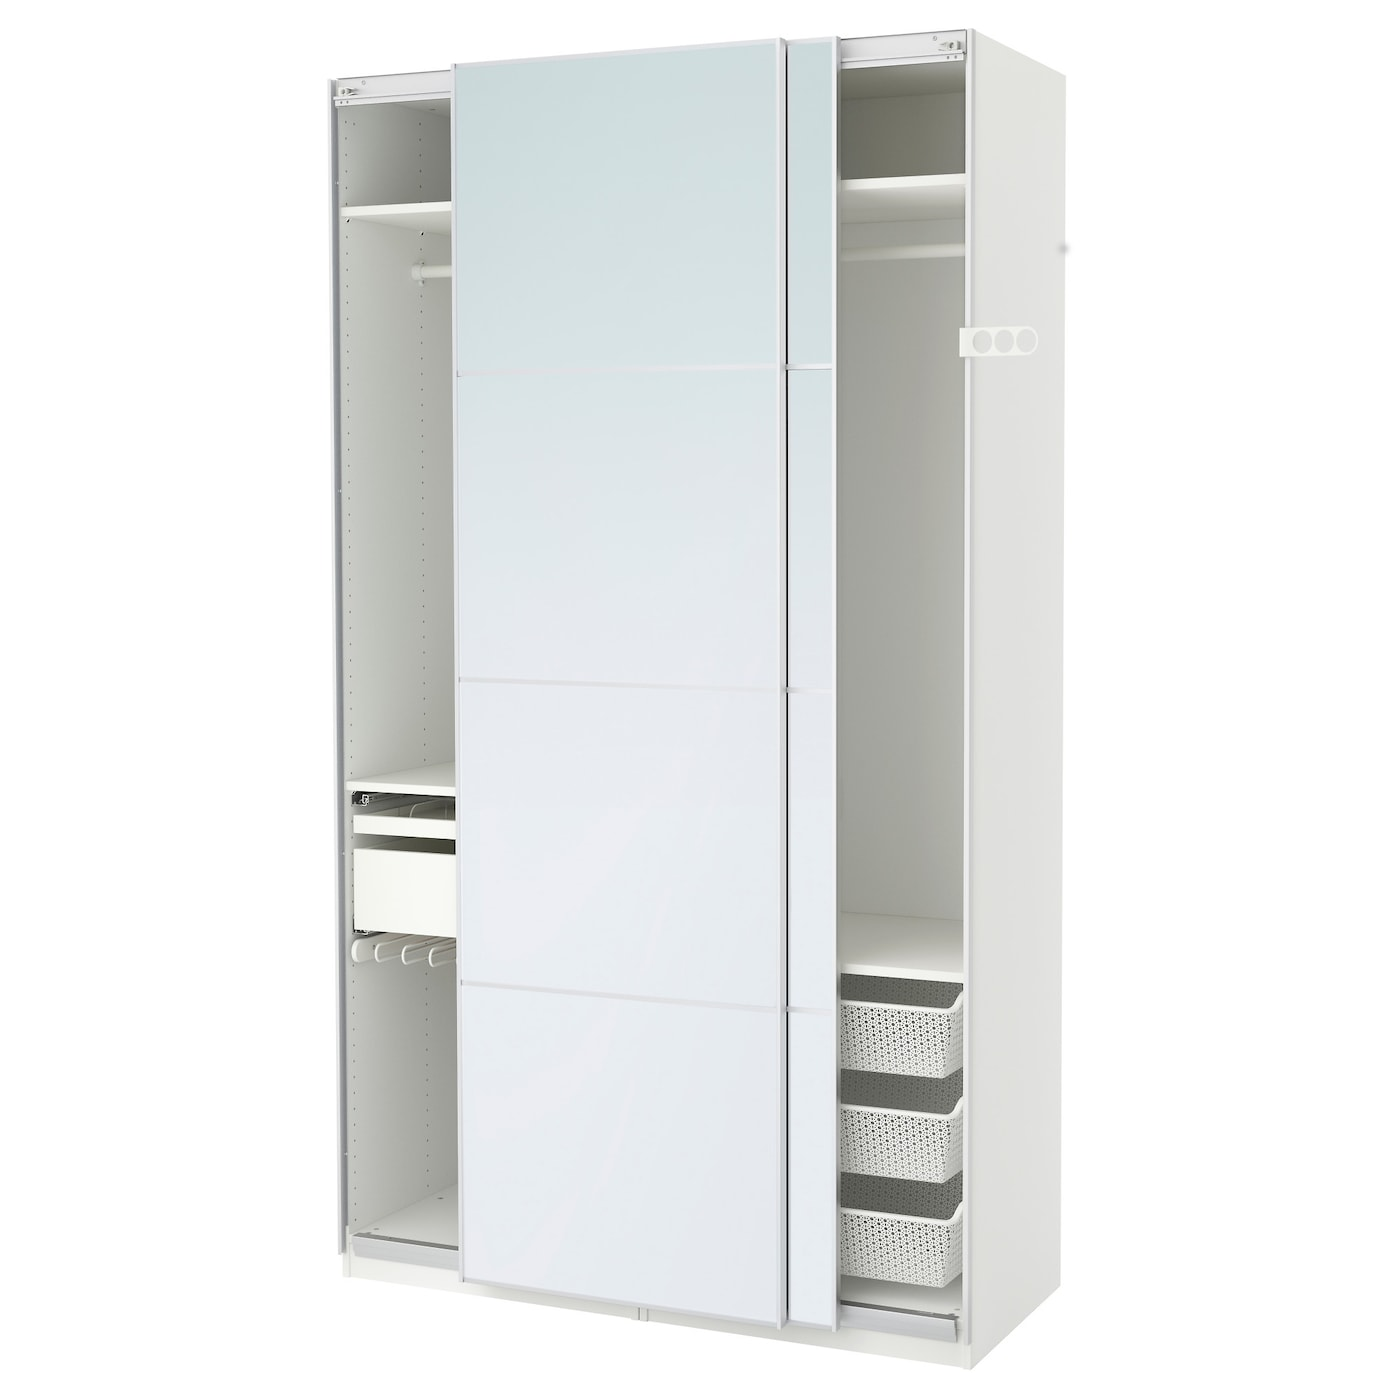 Pax armoire penderie blanc auli miroir 150 x 66 x 236 cm for Dressing profondeur 30 cm ikea